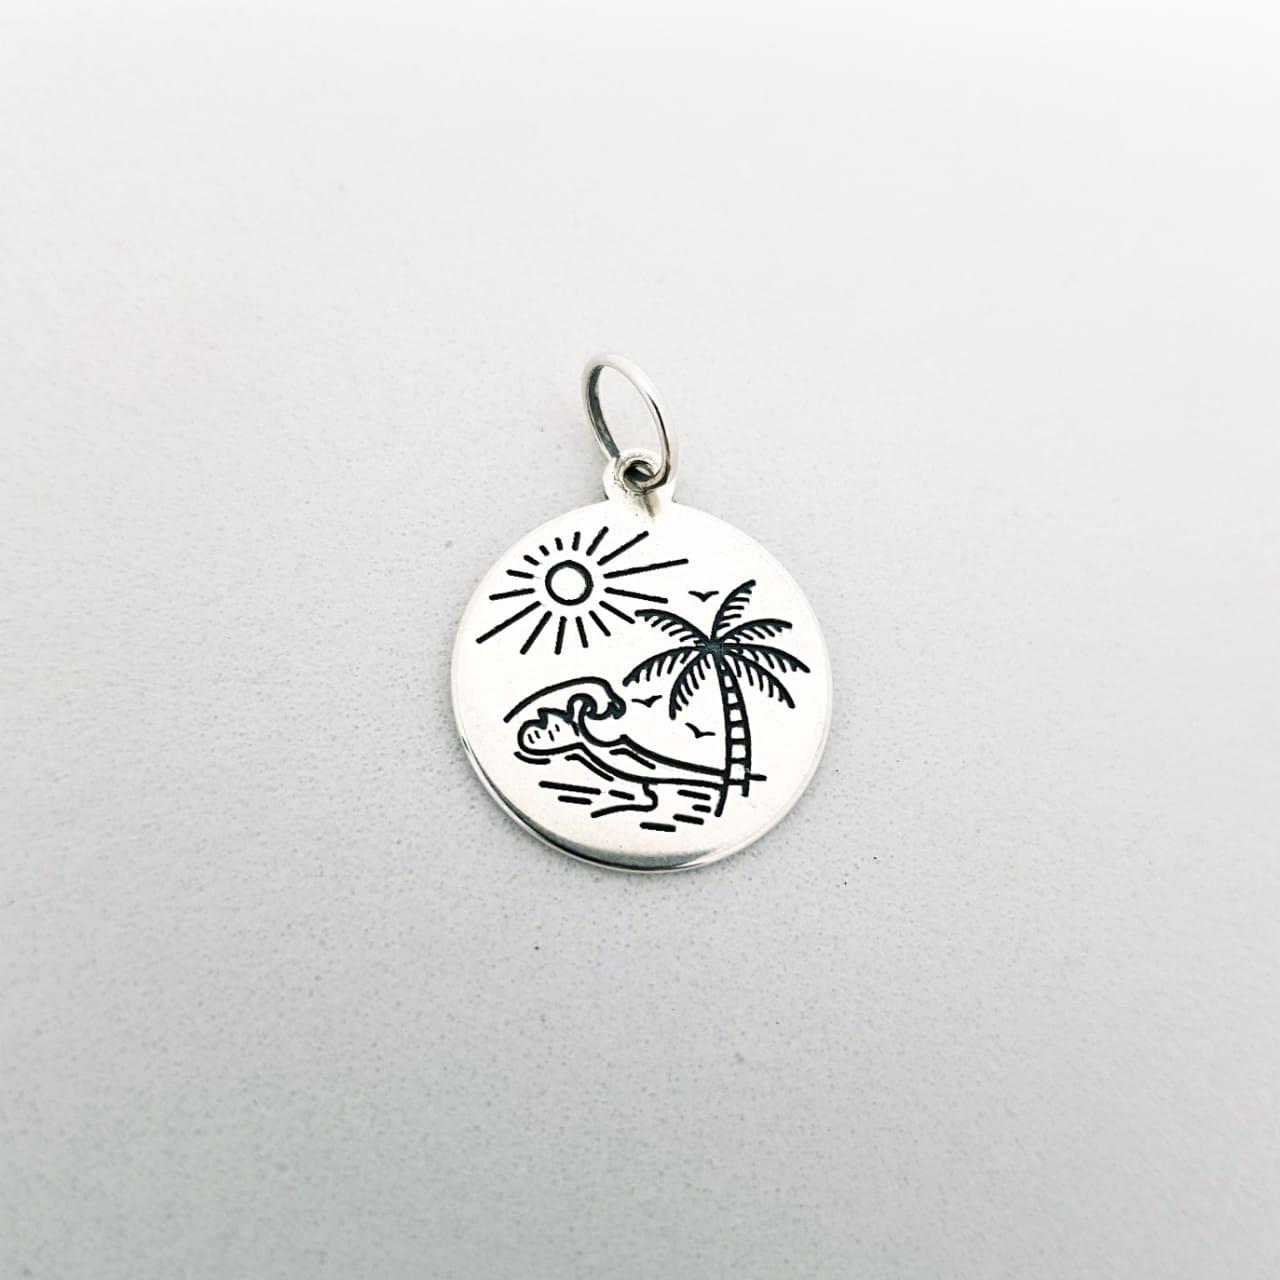 Pingente de Prata Medalhinha Praia